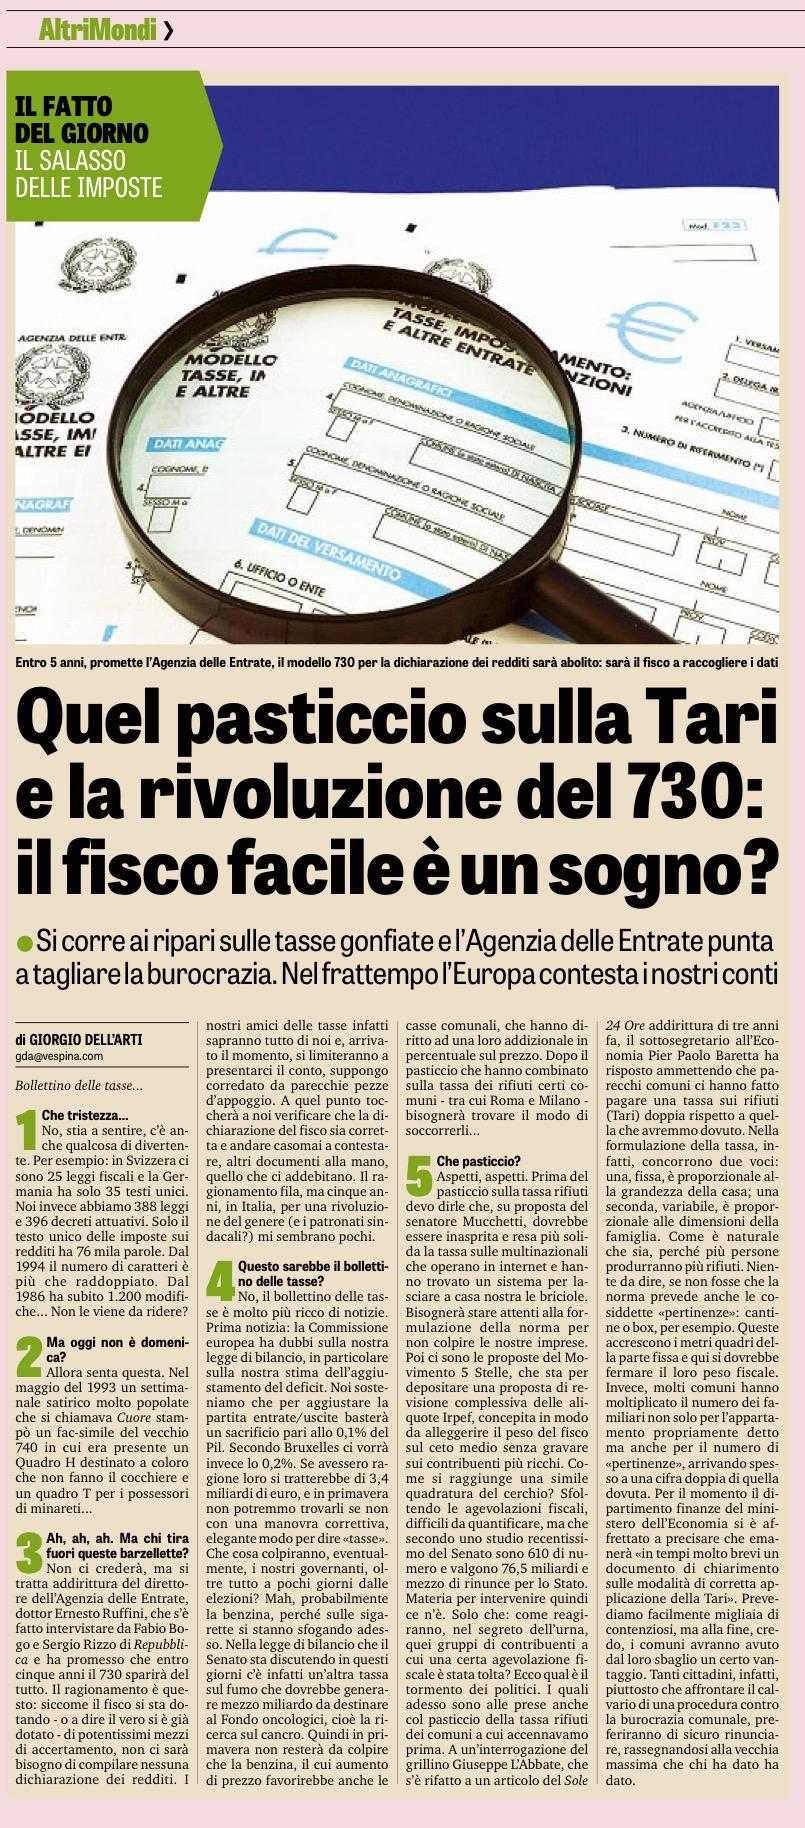 La Gazzetta dello Sport - 12.11.2017